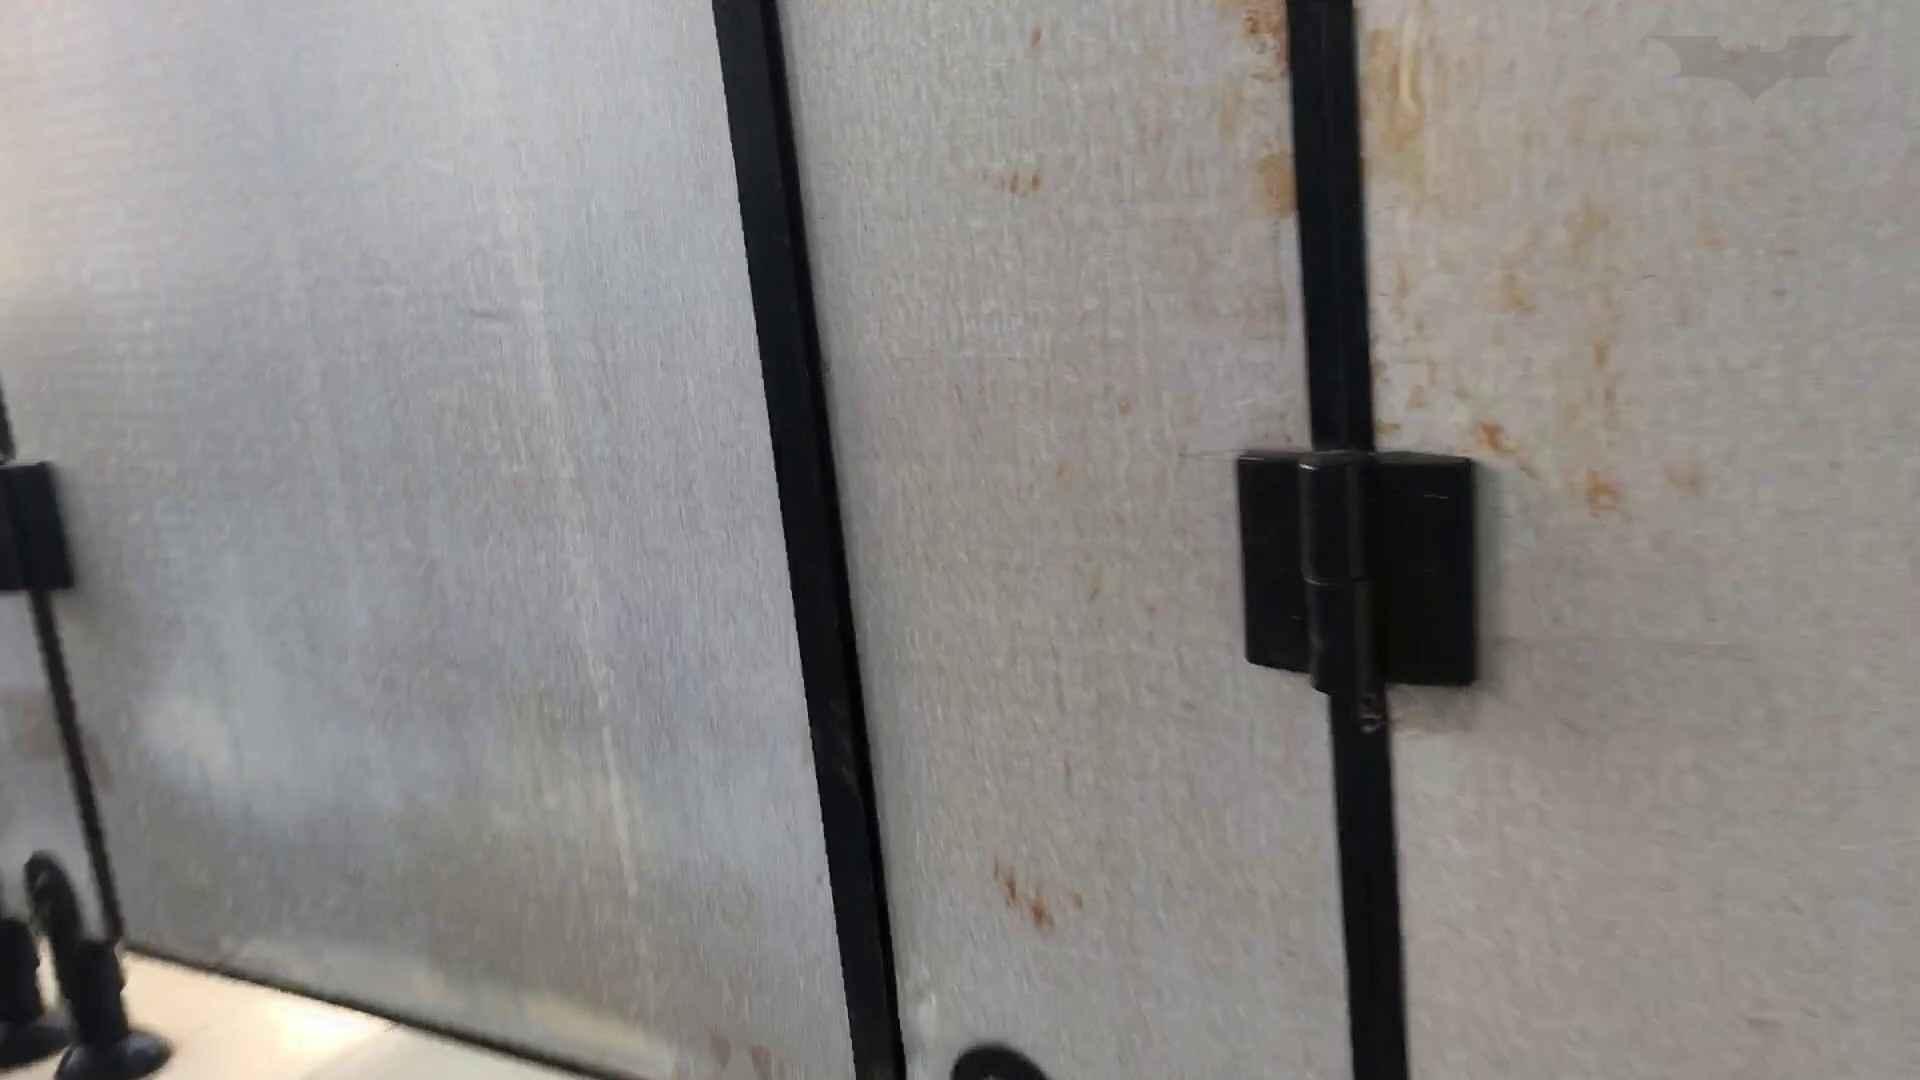 芸術大学ガチ潜入盗撮 JD盗撮 美女の洗面所の秘密 Vol.91 トイレ中の女子達 | エッチすぎる美女  60連発 37